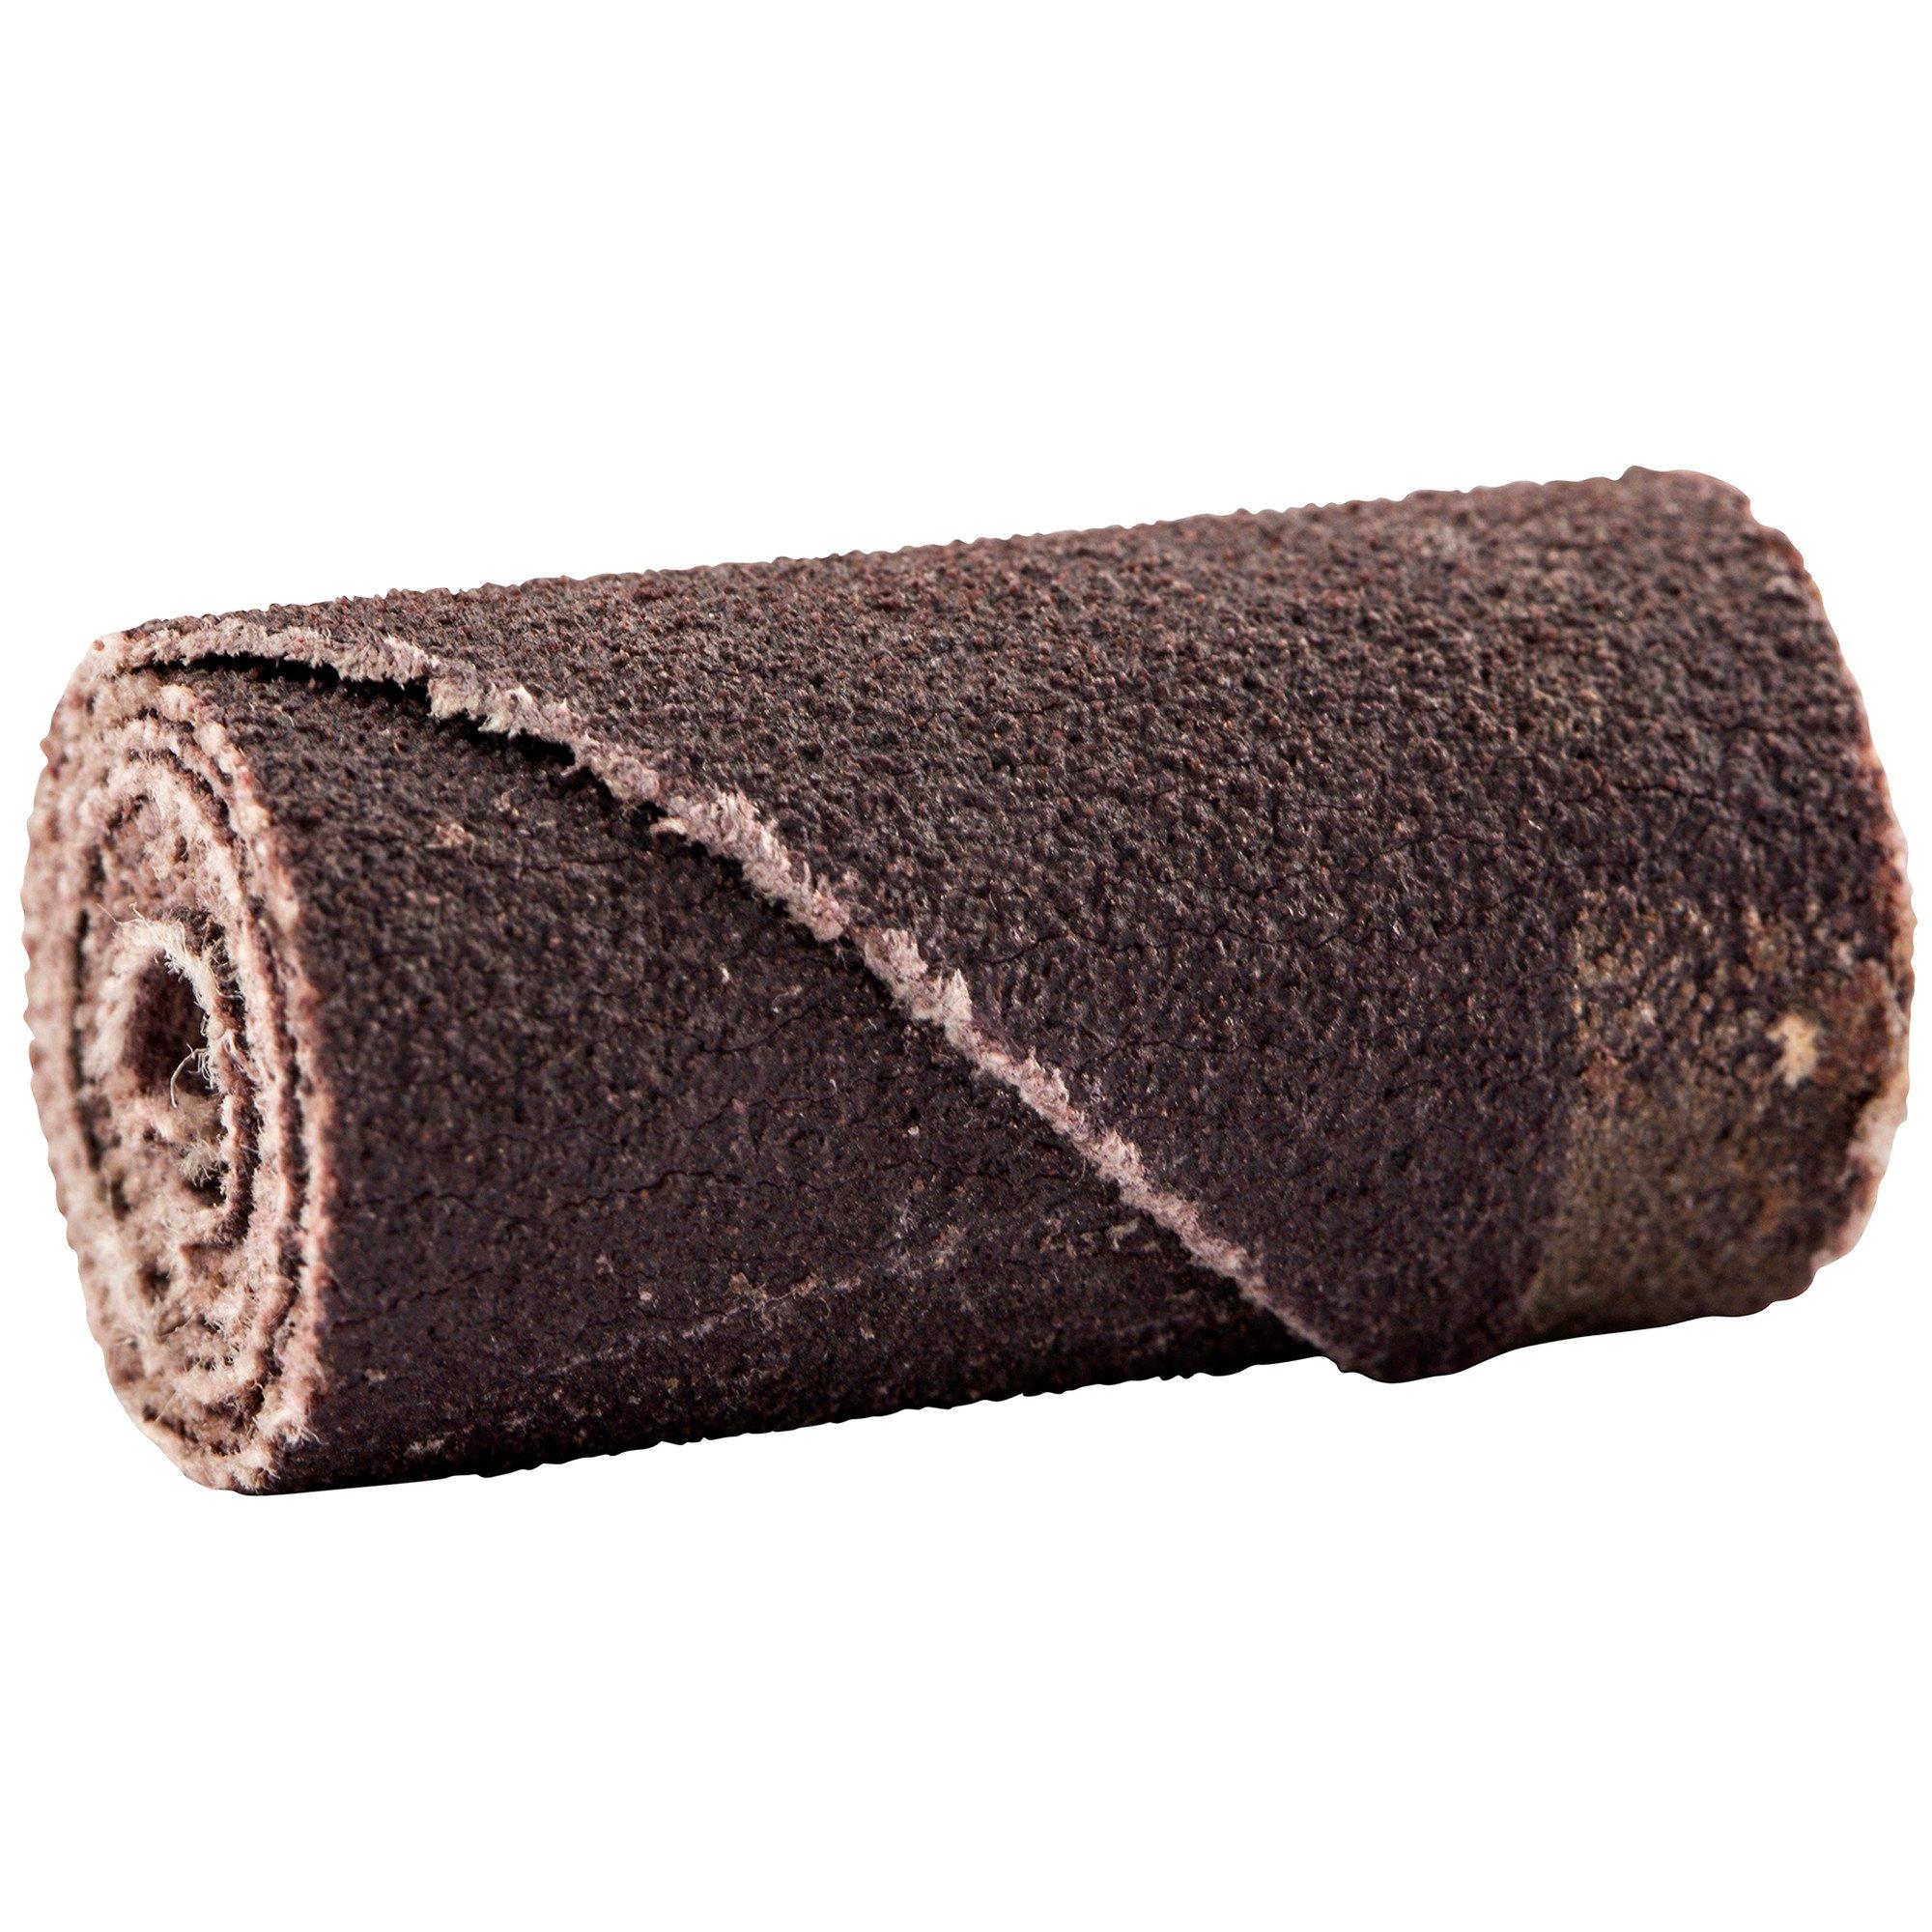 Merit Abrasive Cartridge Roll, Aluminum Oxide, 1/8'' Arbor, Roll 1/2'' Diameter x 1'' Length, Grit 60 (Pack of 100)